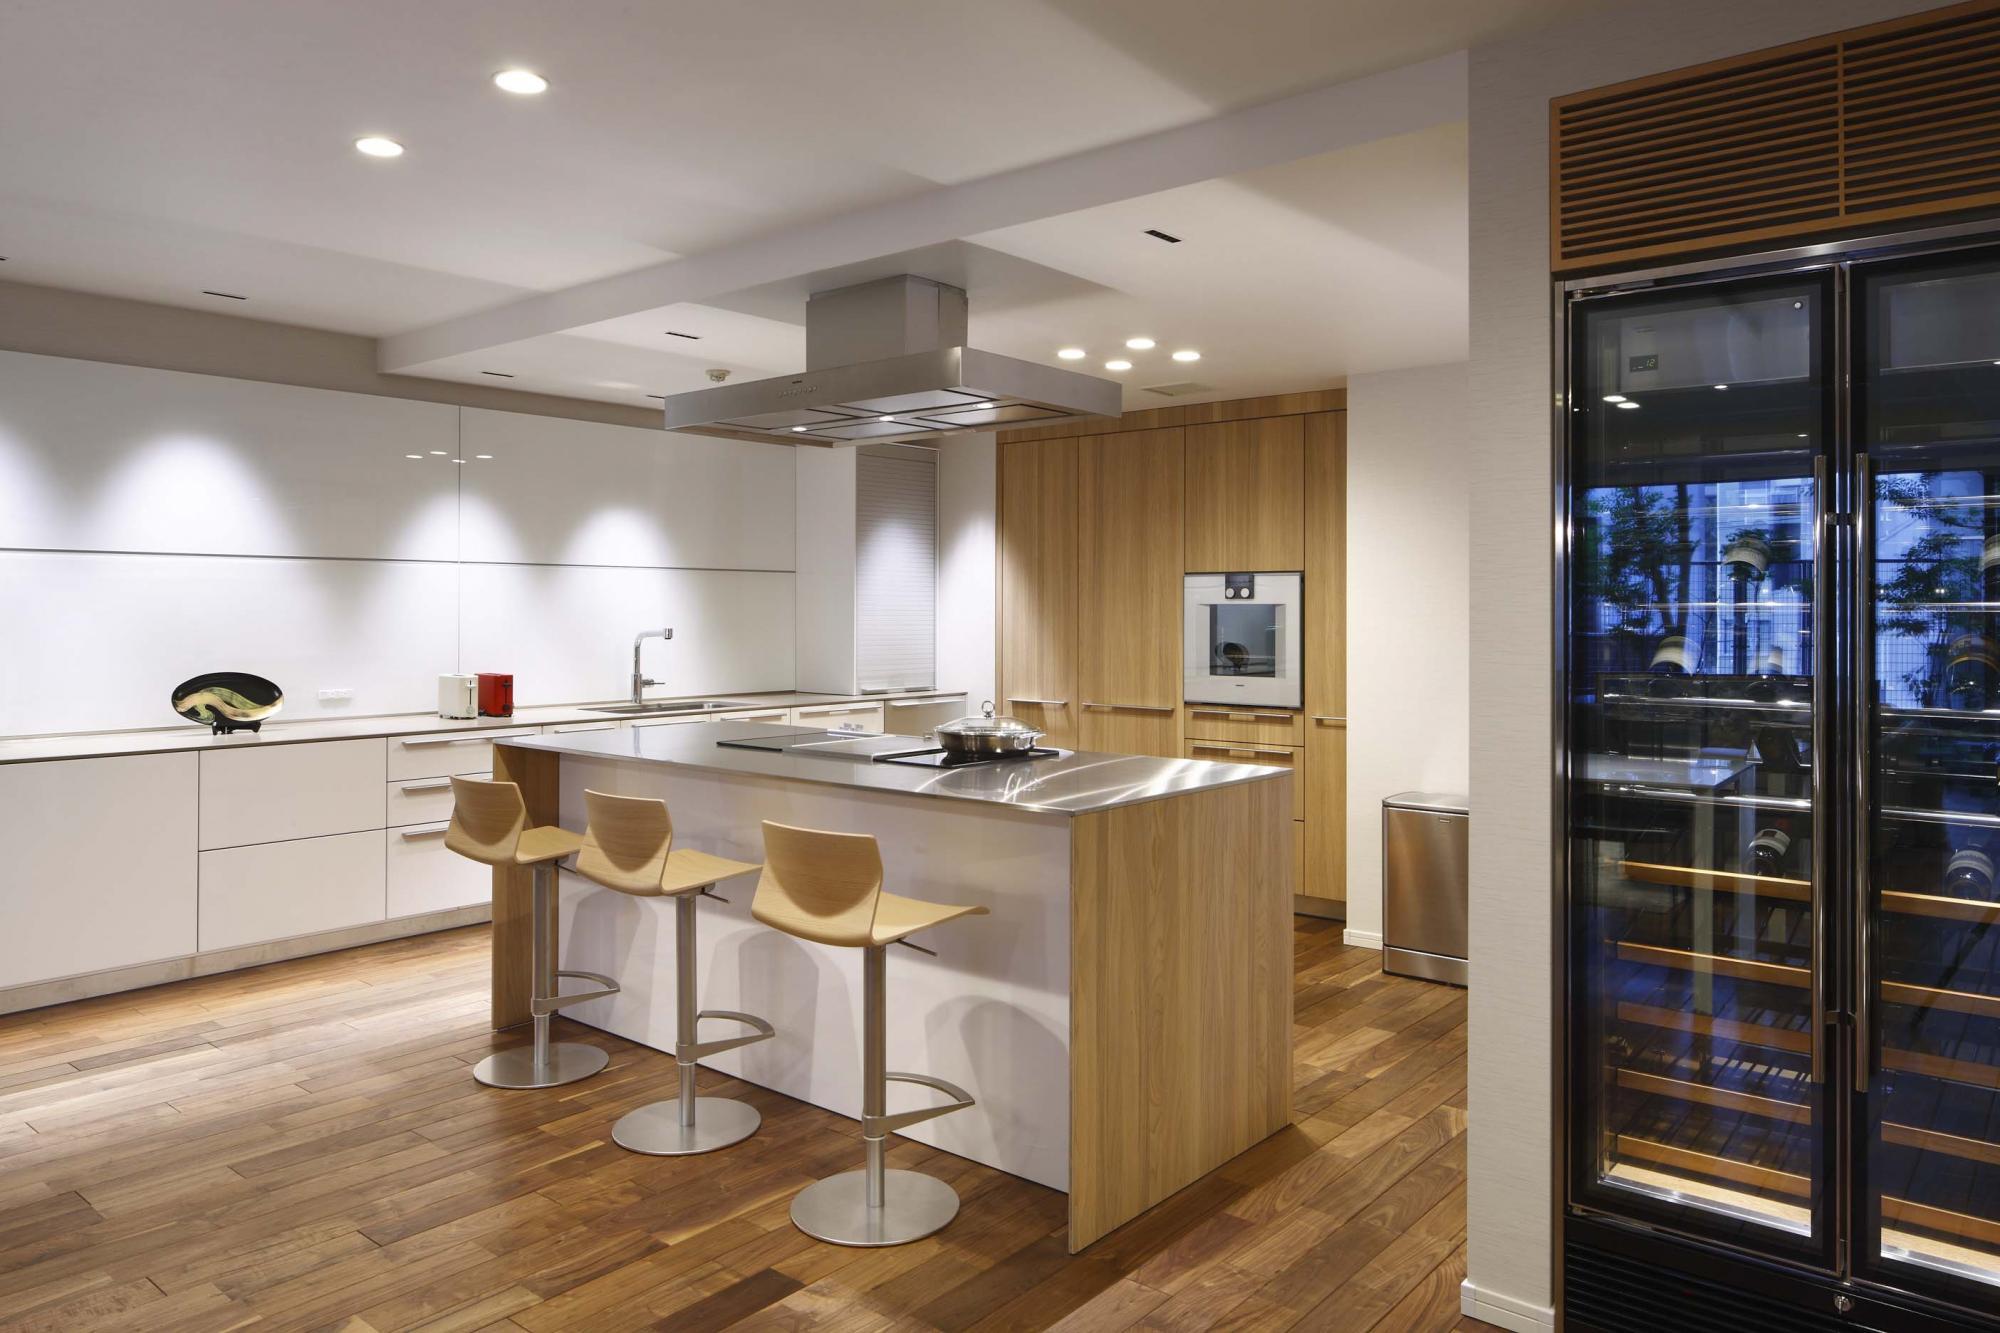 キッチンカウンターはドイツ製のアイランドタイプを採用。シンクは左奥の白い収納カウンターに設置。オーブンから食洗機、大型冷蔵庫に至るまでビルトイン式のシステム収納に収められている。 キッチン横のスペースには、F様お手持ちのワインセラーを設置した。